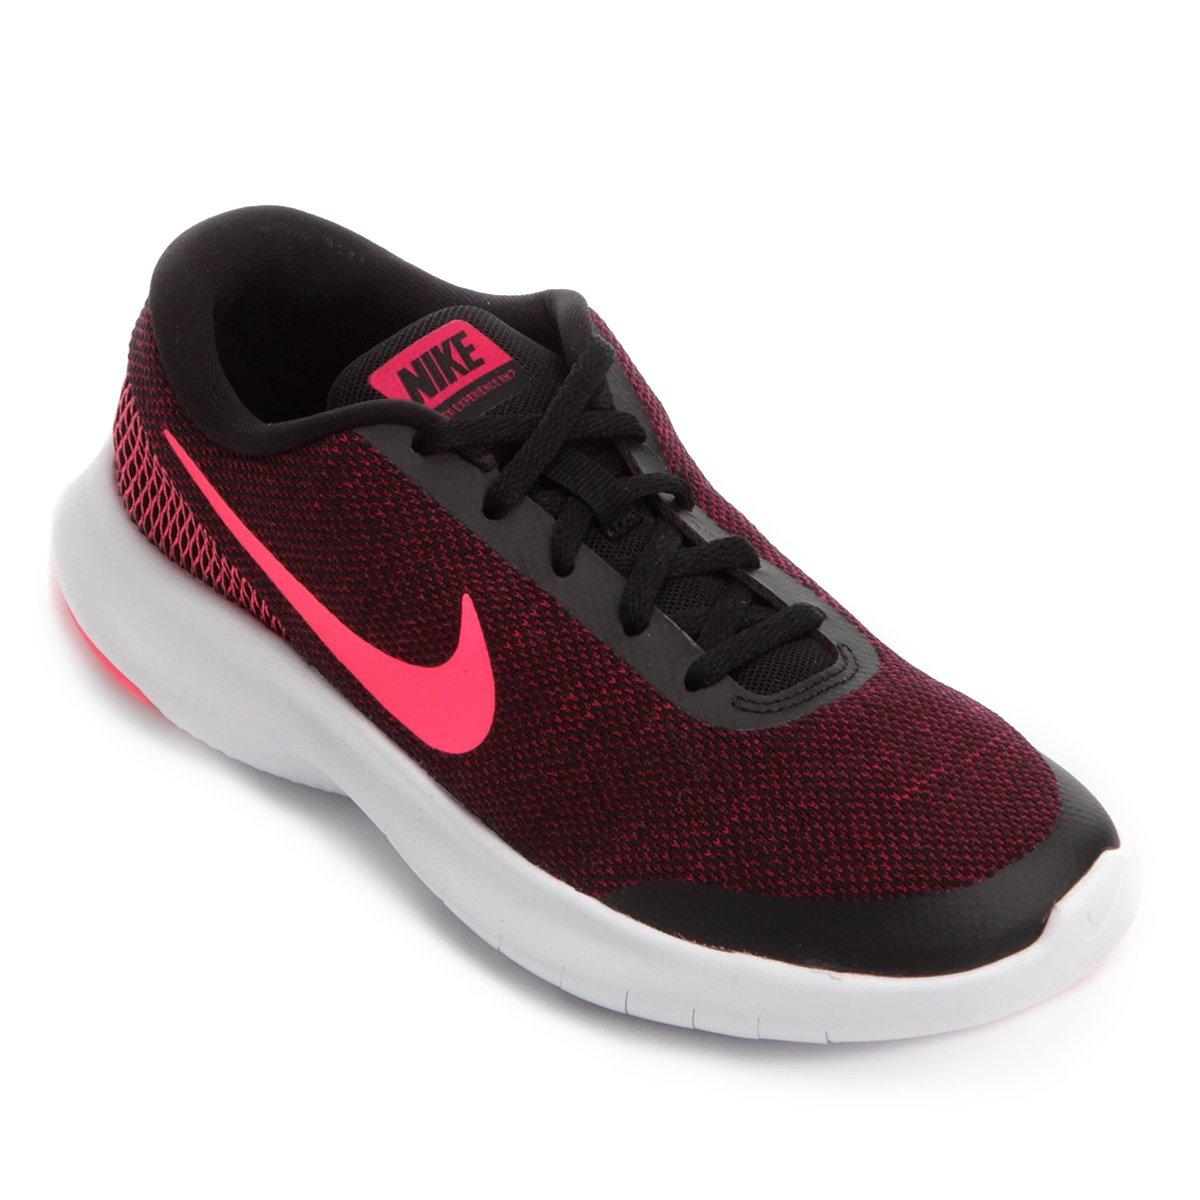 3aa5734846df6 Tênis Nike Flex Experience RN 7 Feminino - Preto e Rosa - Compre Agora